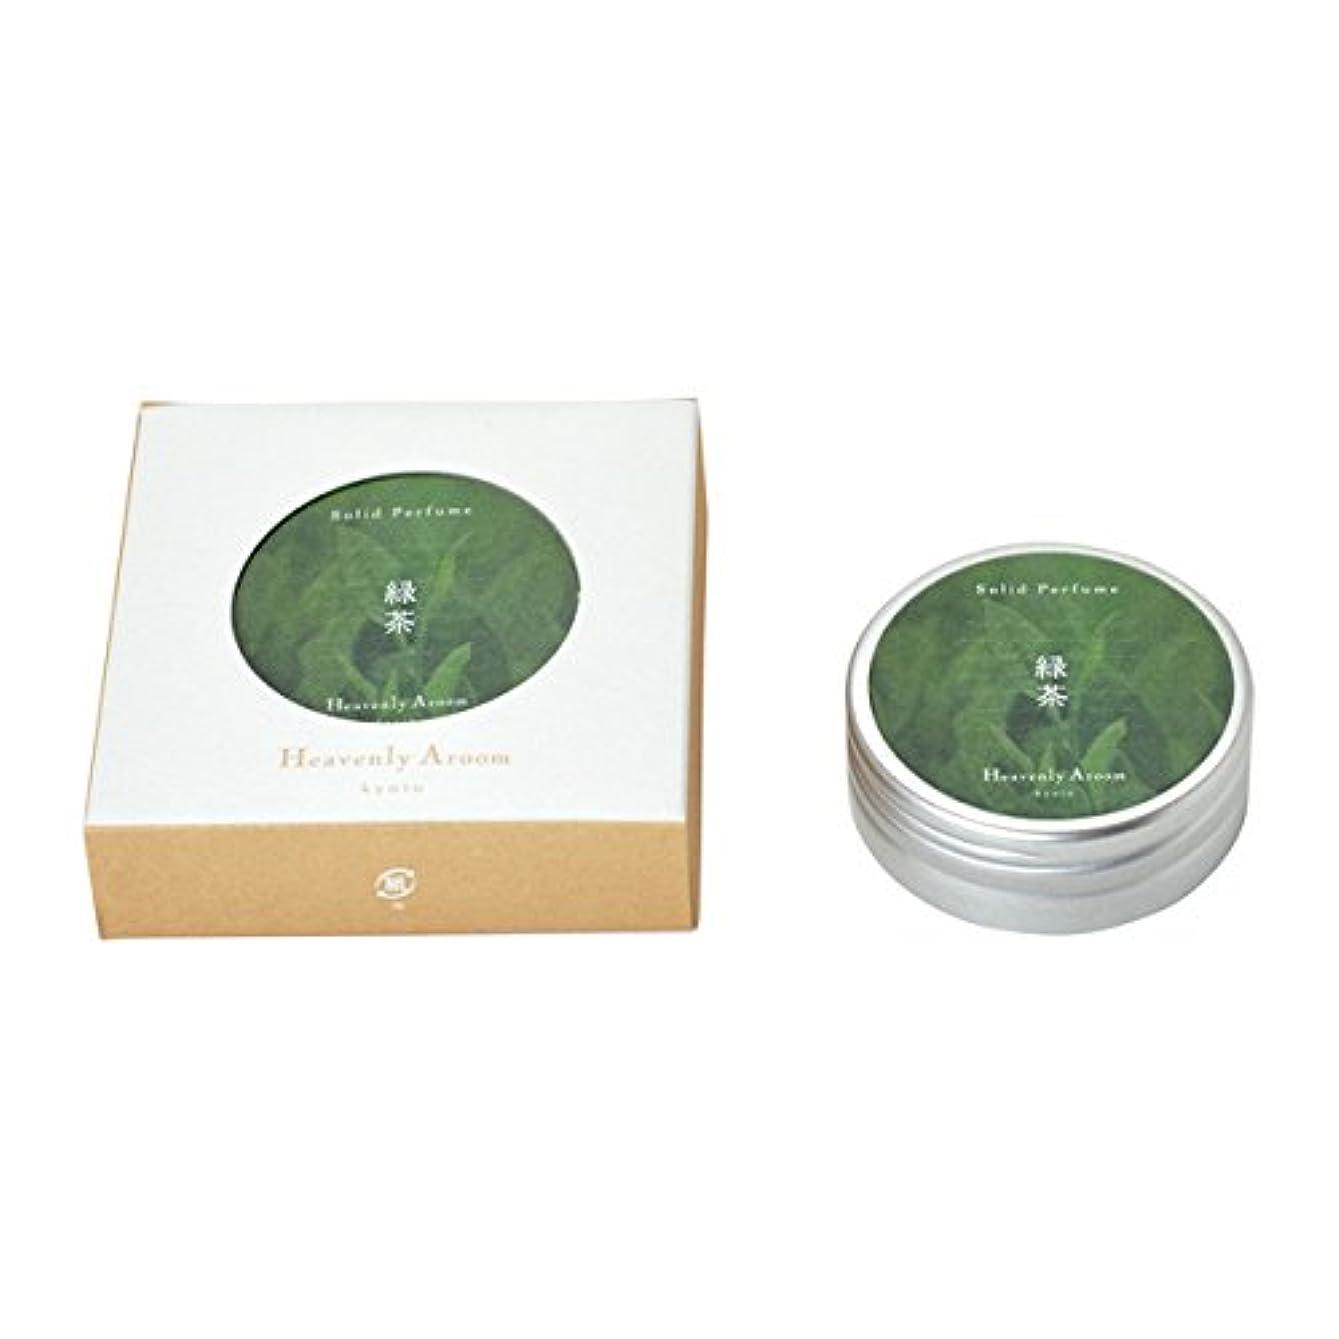 目的出席フォローHeavenly Aroom ソリッドパフューム 緑茶 15g